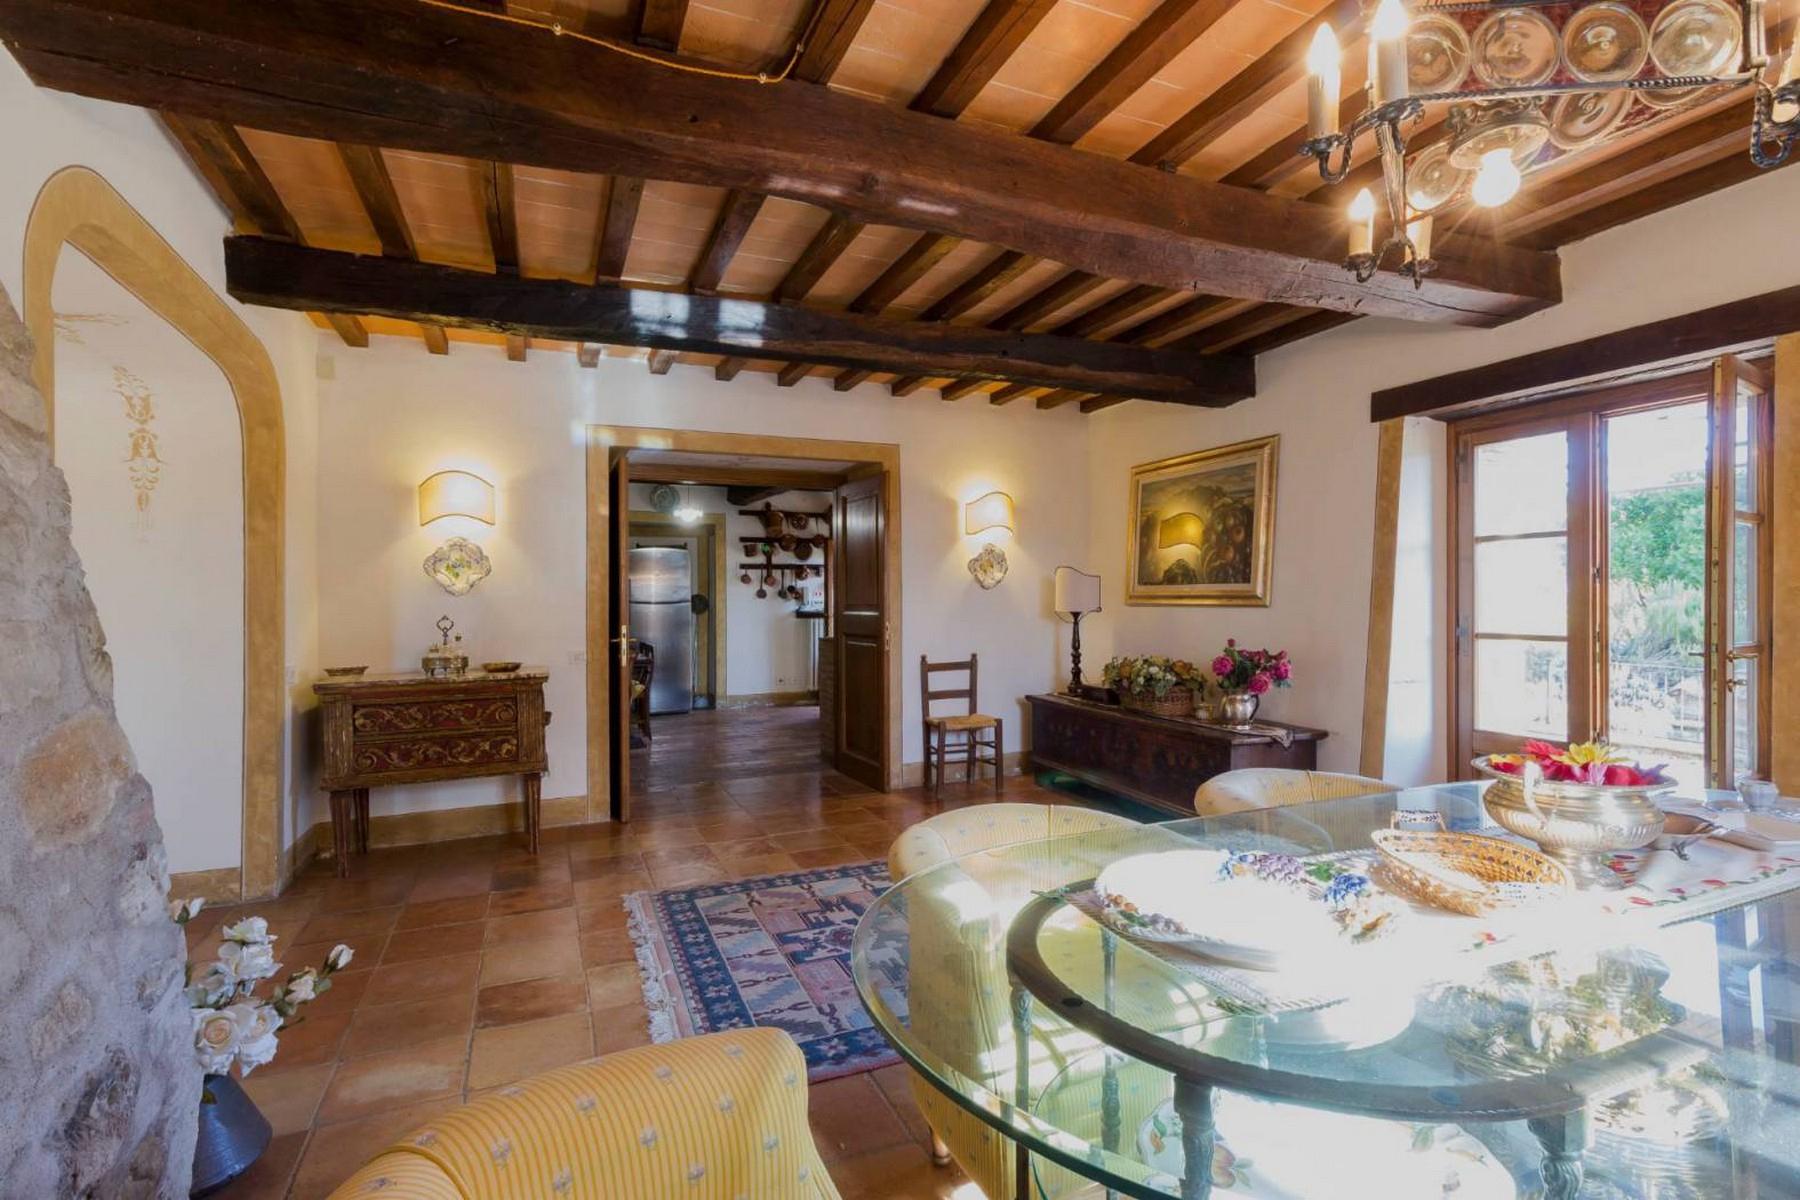 Rustico in Vendita a San Casciano Dei Bagni: 5 locali, 350 mq - Foto 9